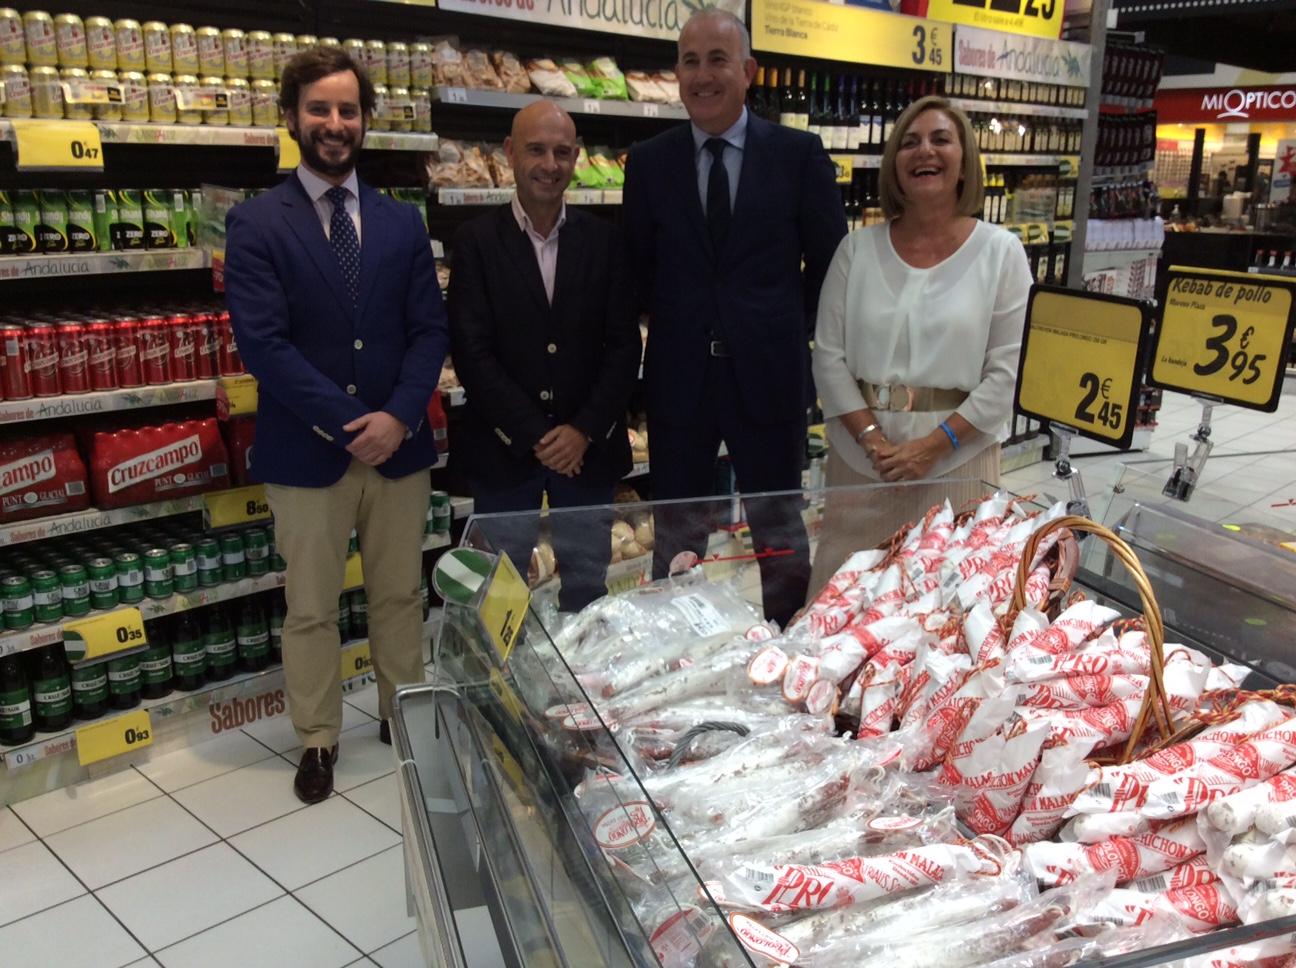 La Junta valora que la campaña 'Sabores de Andalucía' contribuya a difundir la calidad de los alimentos de la región